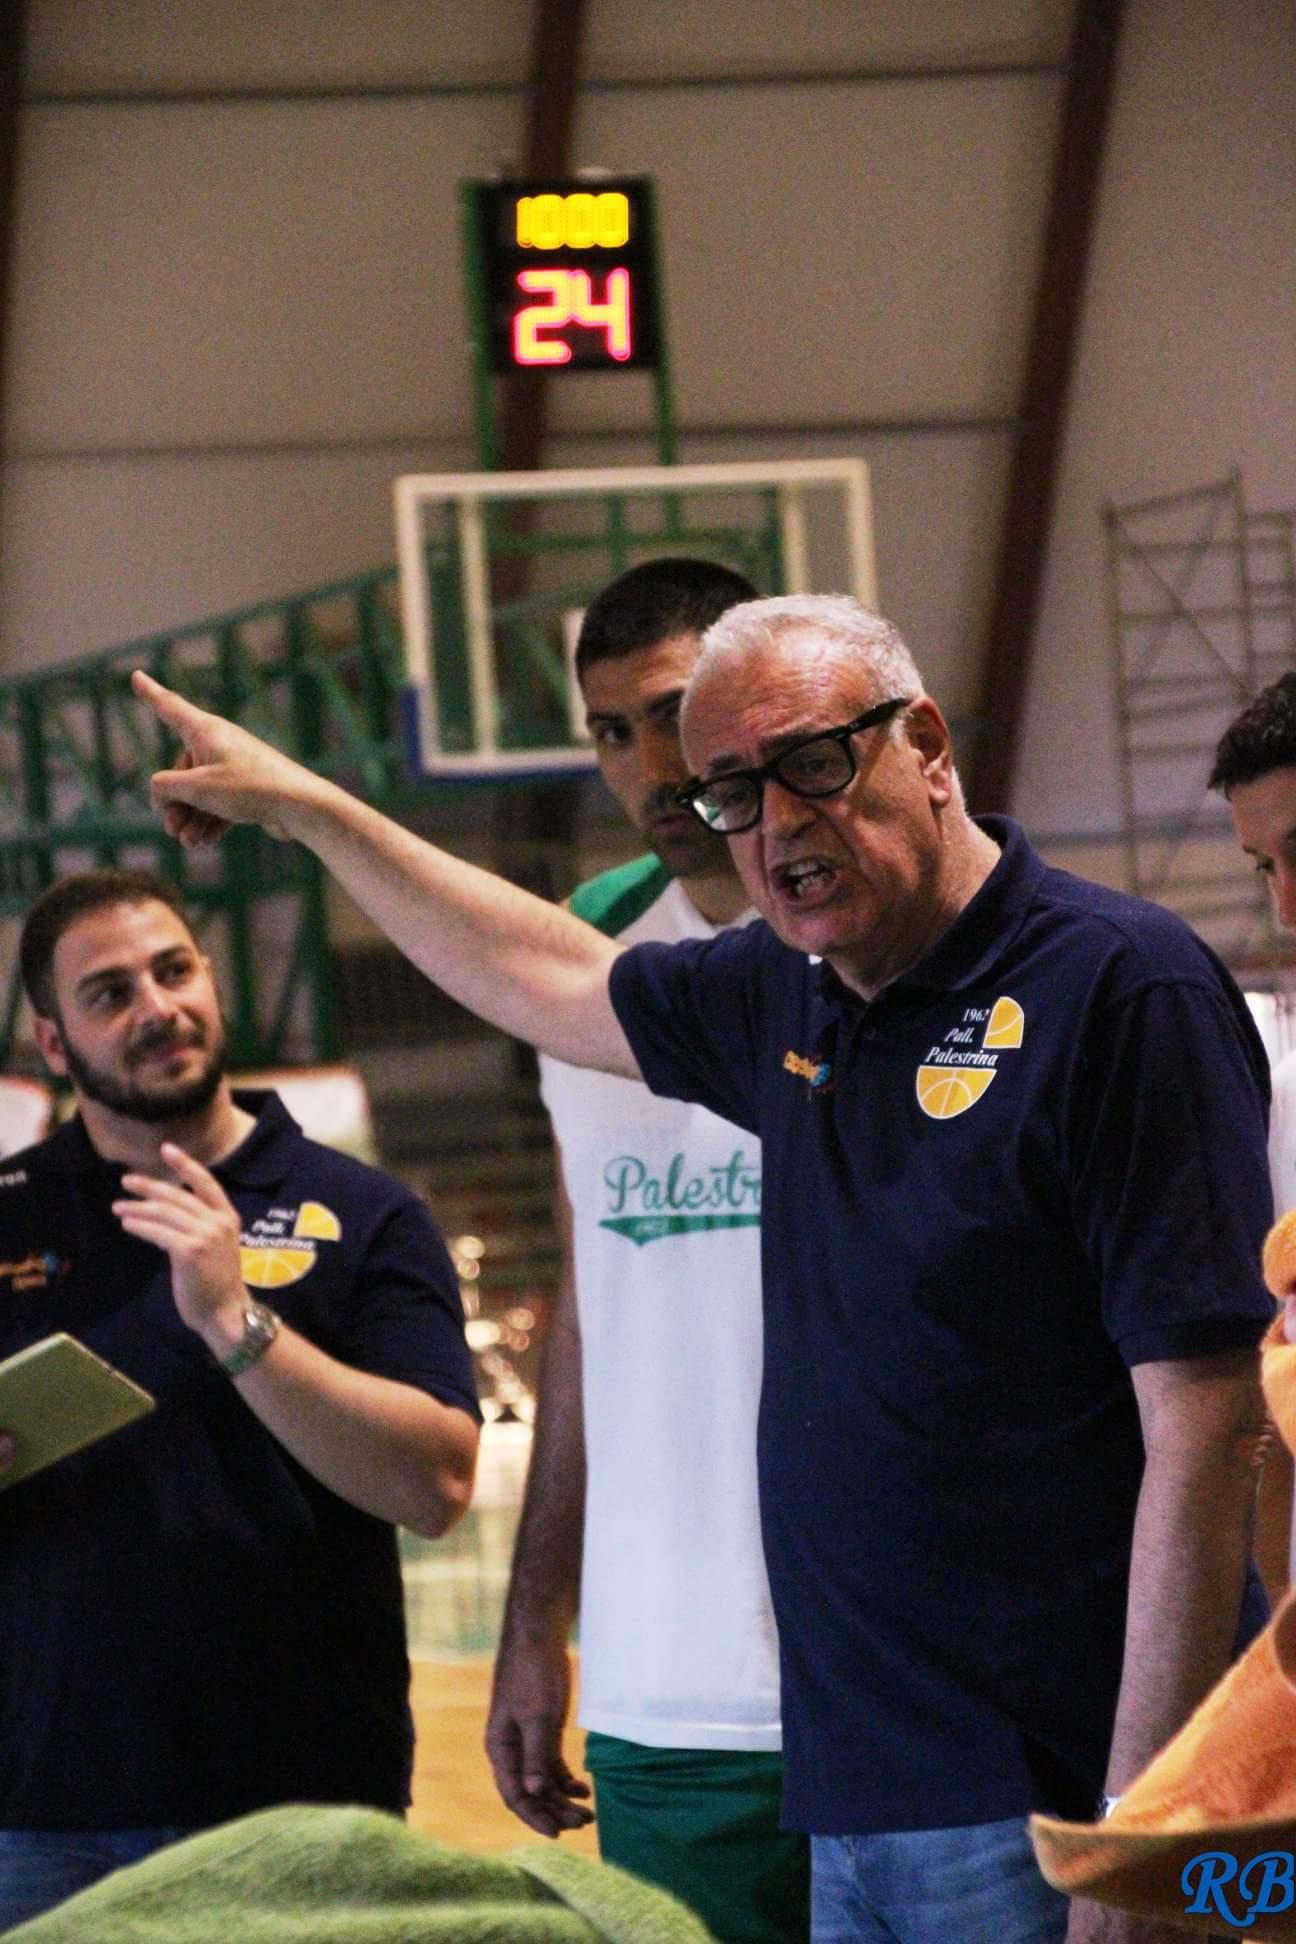 Serie B girone D Old Wild West 2018-19: esordio senza patemi per la Citysightseeing Palestrina che supera Battipaglia 72-52